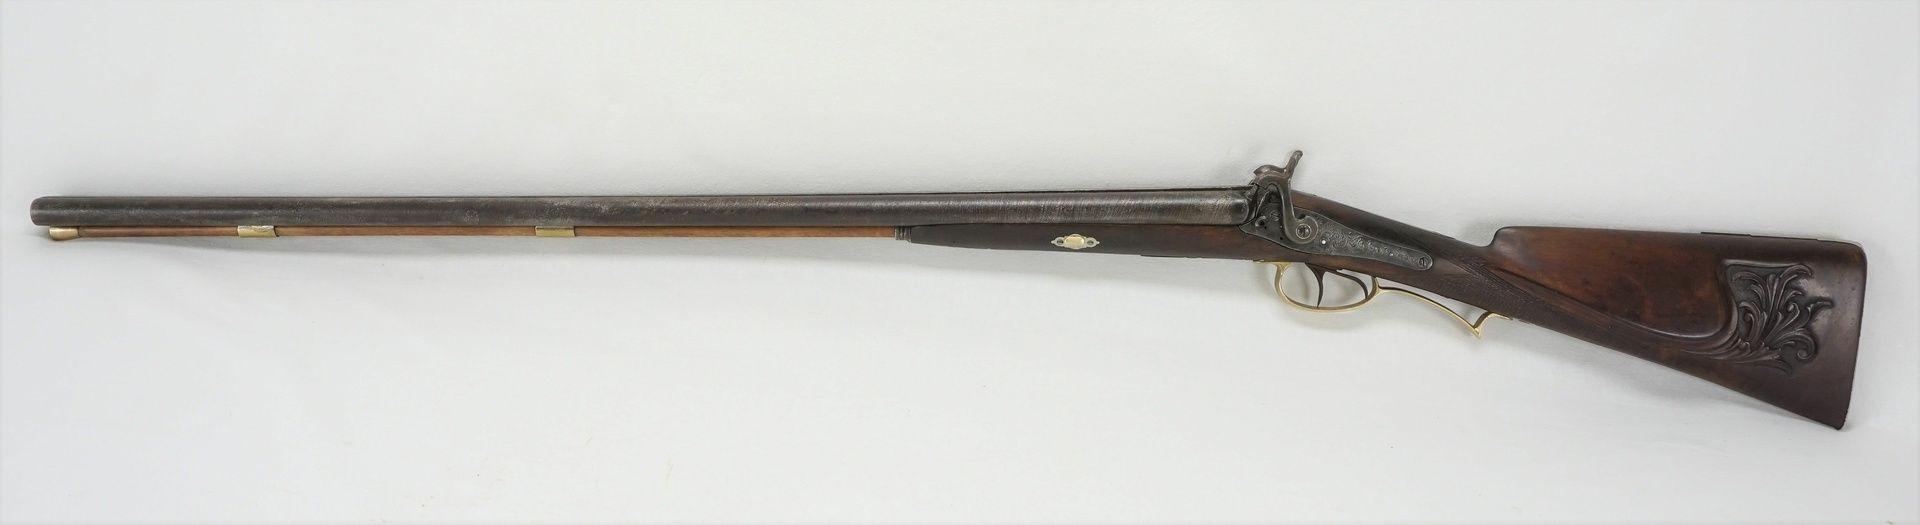 Französische Perkussions-Schrotflinte, um 1850 - Bild 2 aus 6